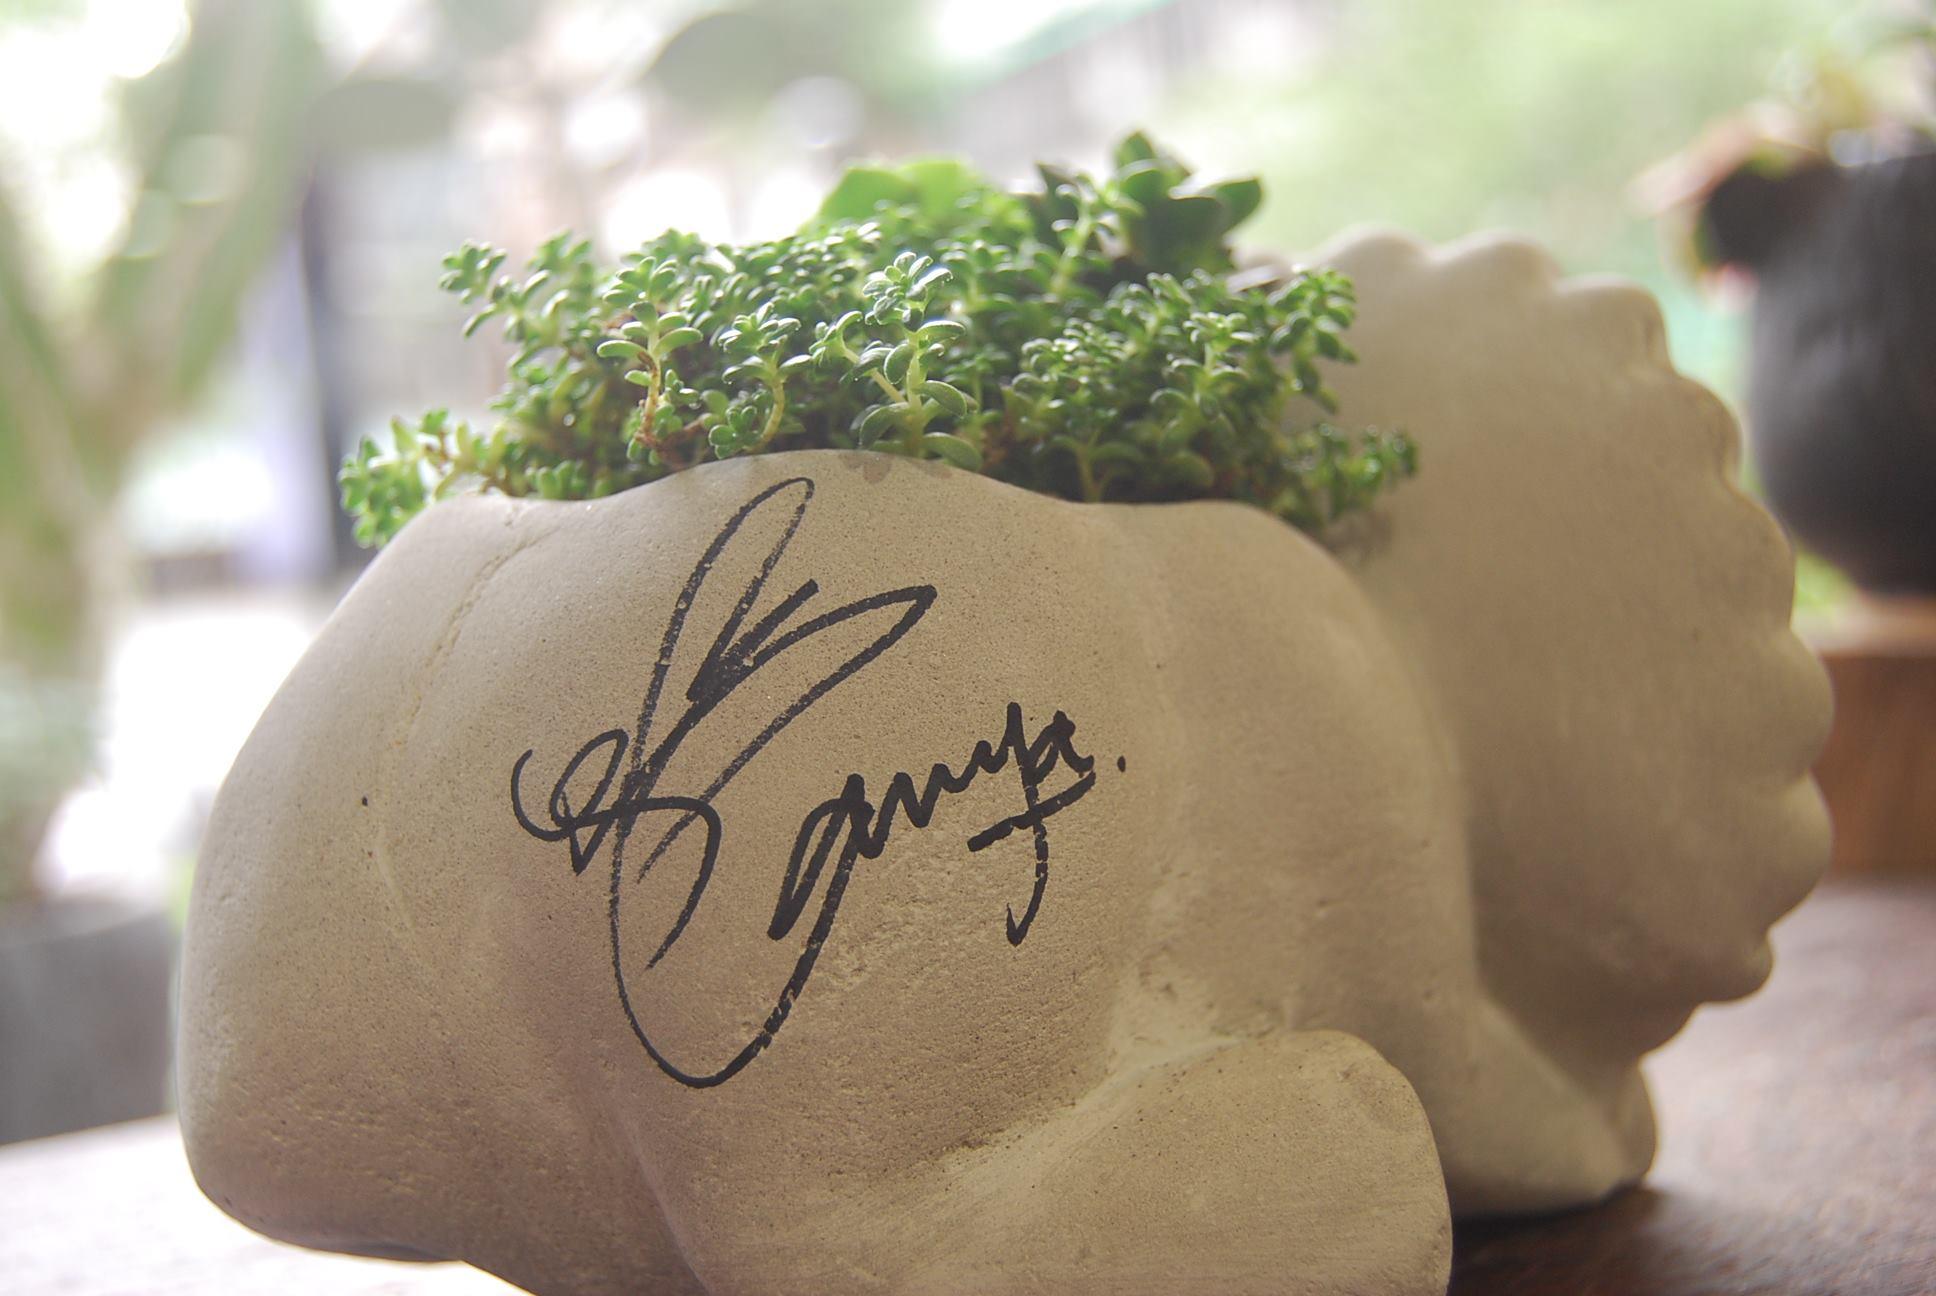 水泥造型恐龍盆栽與簽名